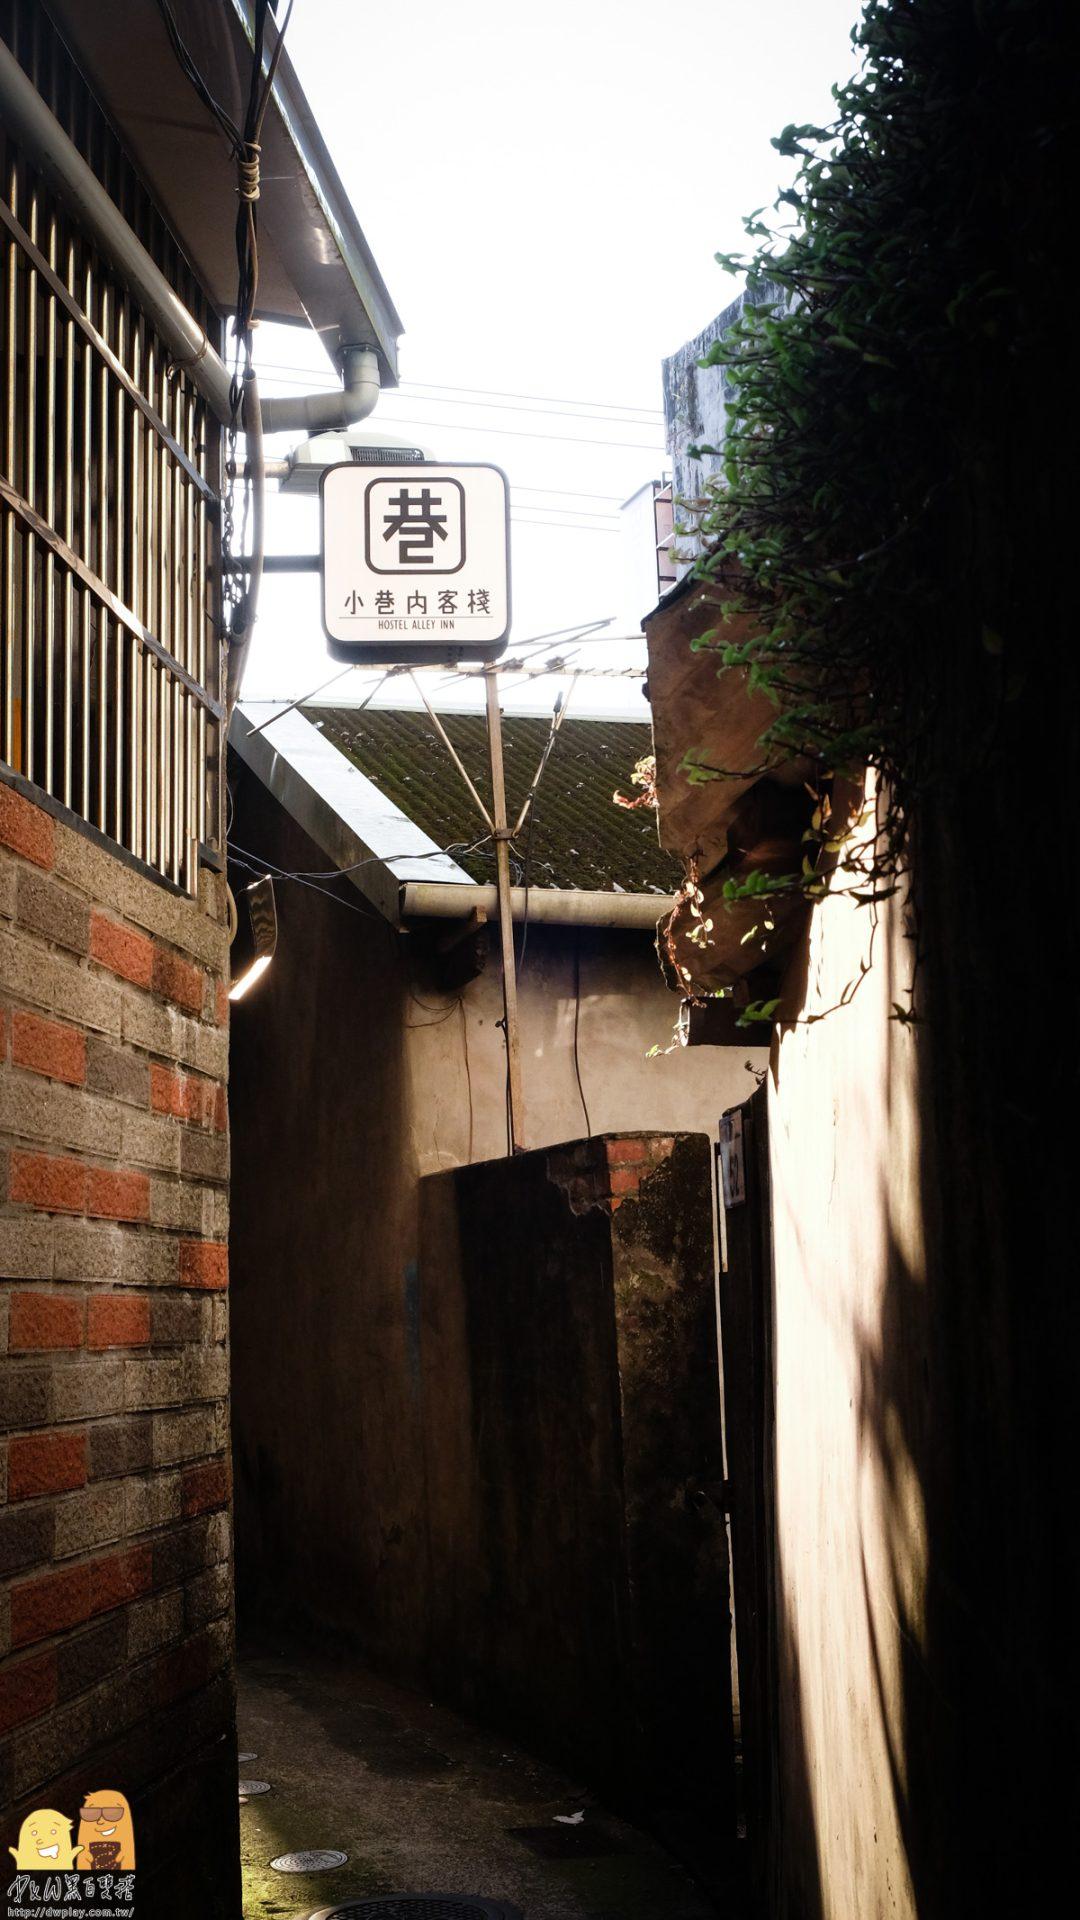 大溪民宿小巷內客棧入口